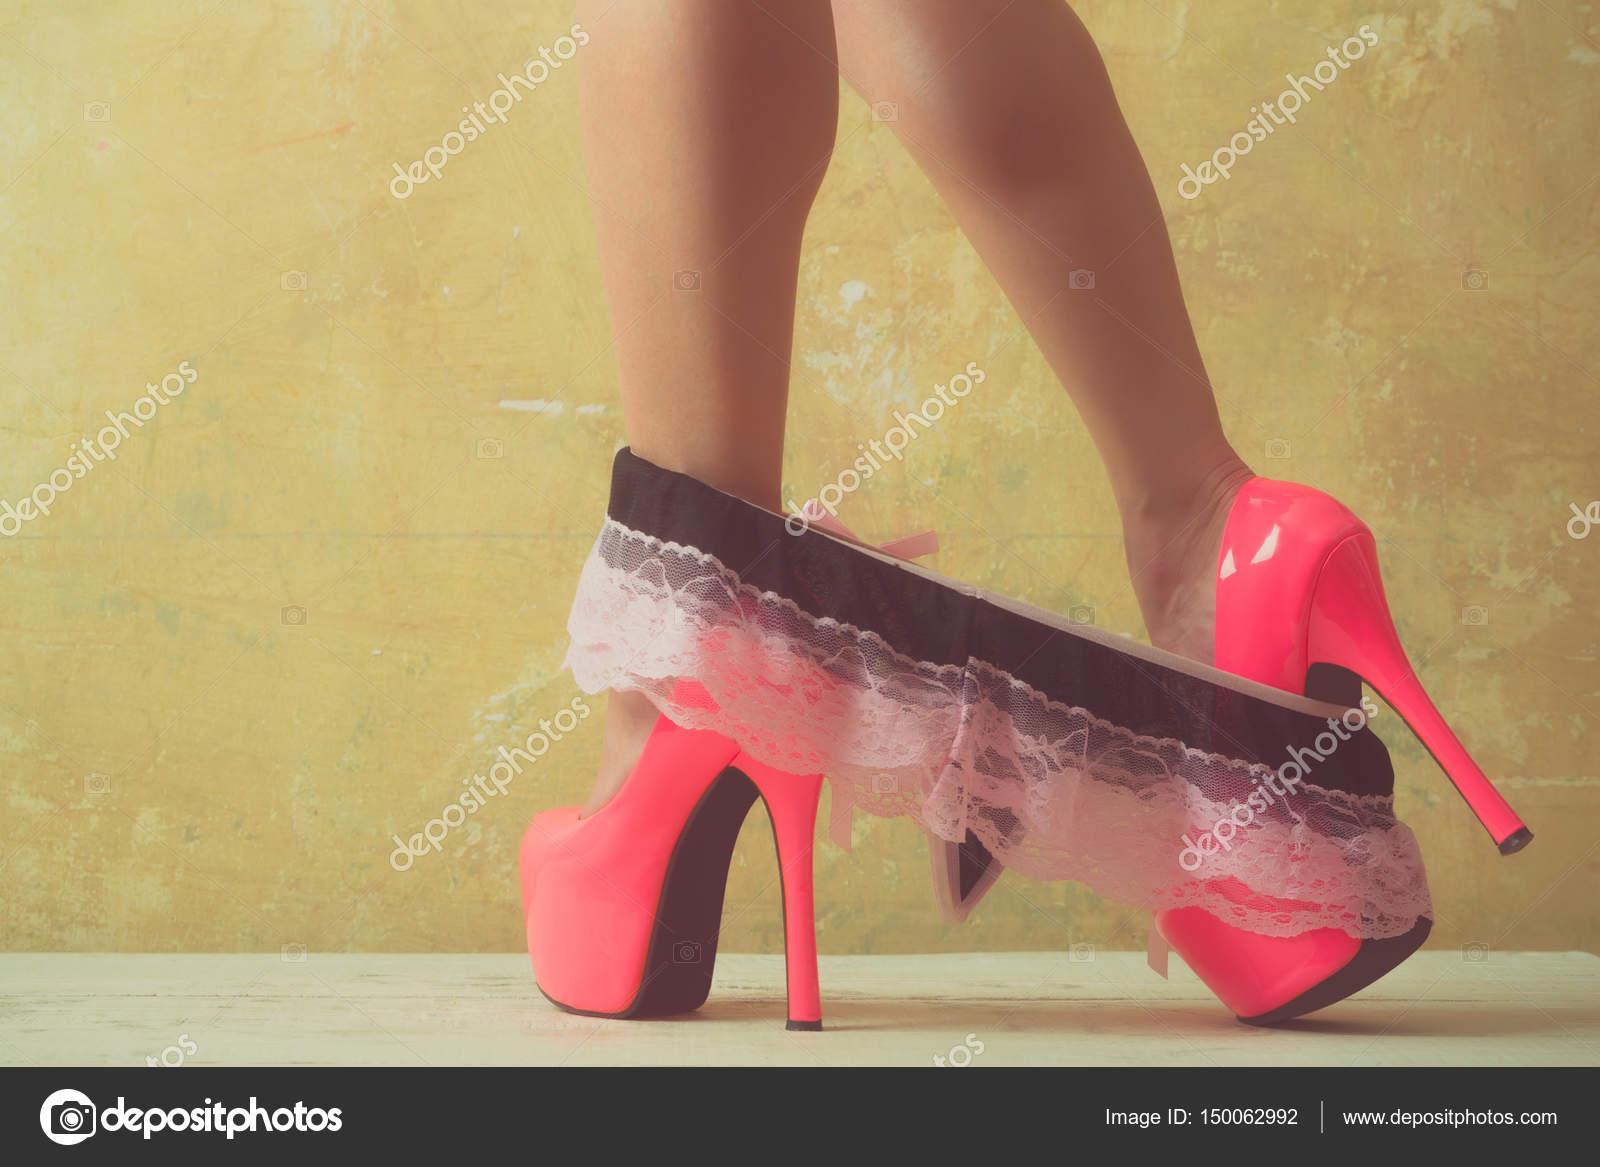 bed641eaf27a8 Vêtements et chaussures pour femmes. Minces femelle pieds dans les  chaussures. Fille enlève les